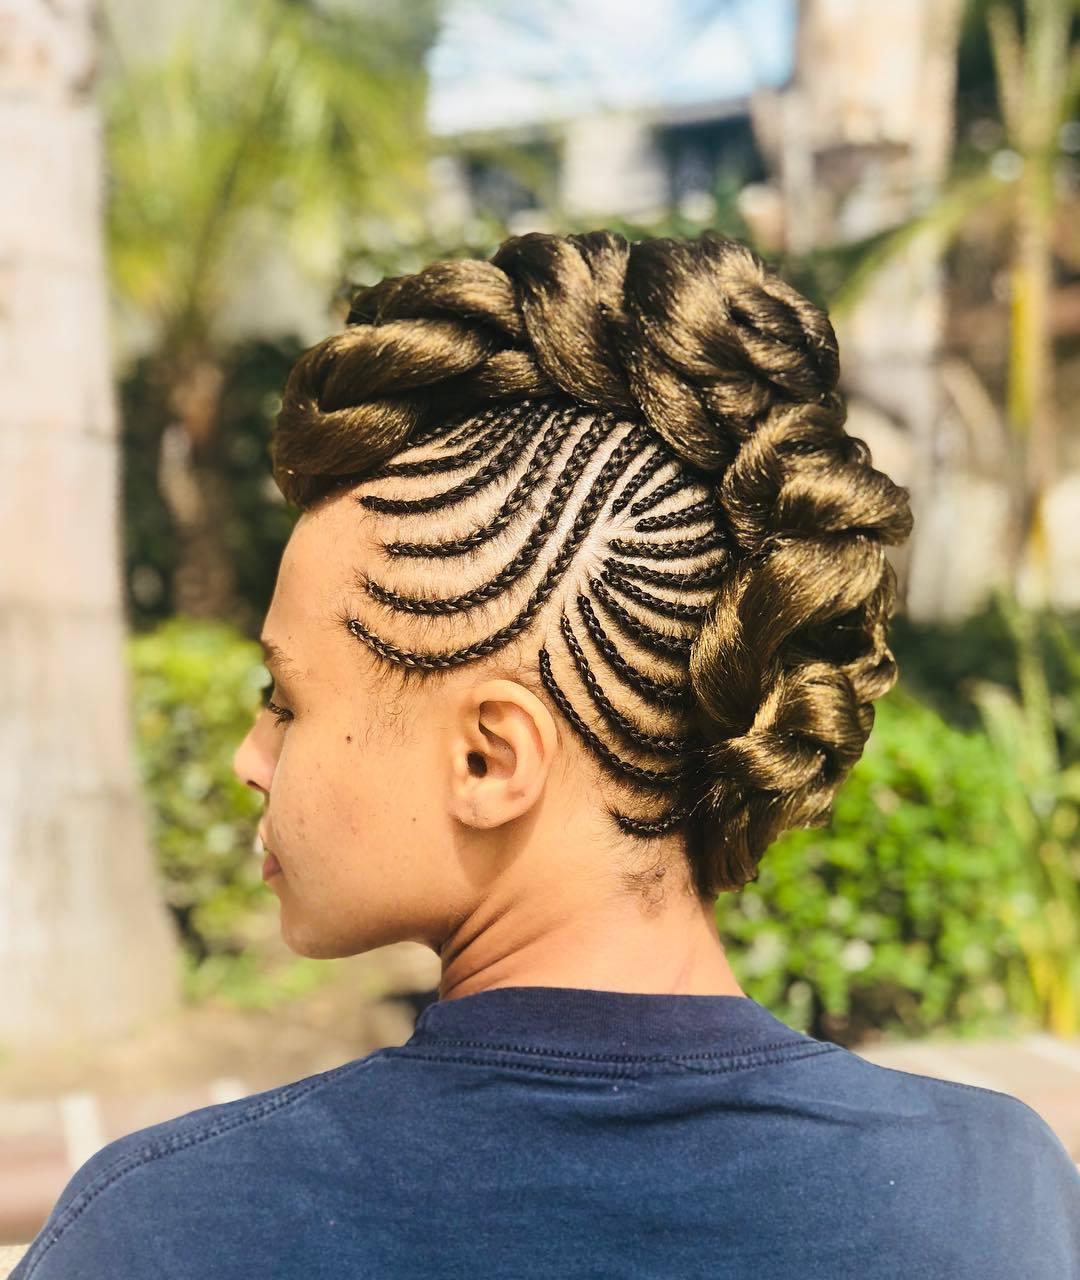 Femme avec une coiffure de mohawk à couronne de maïs